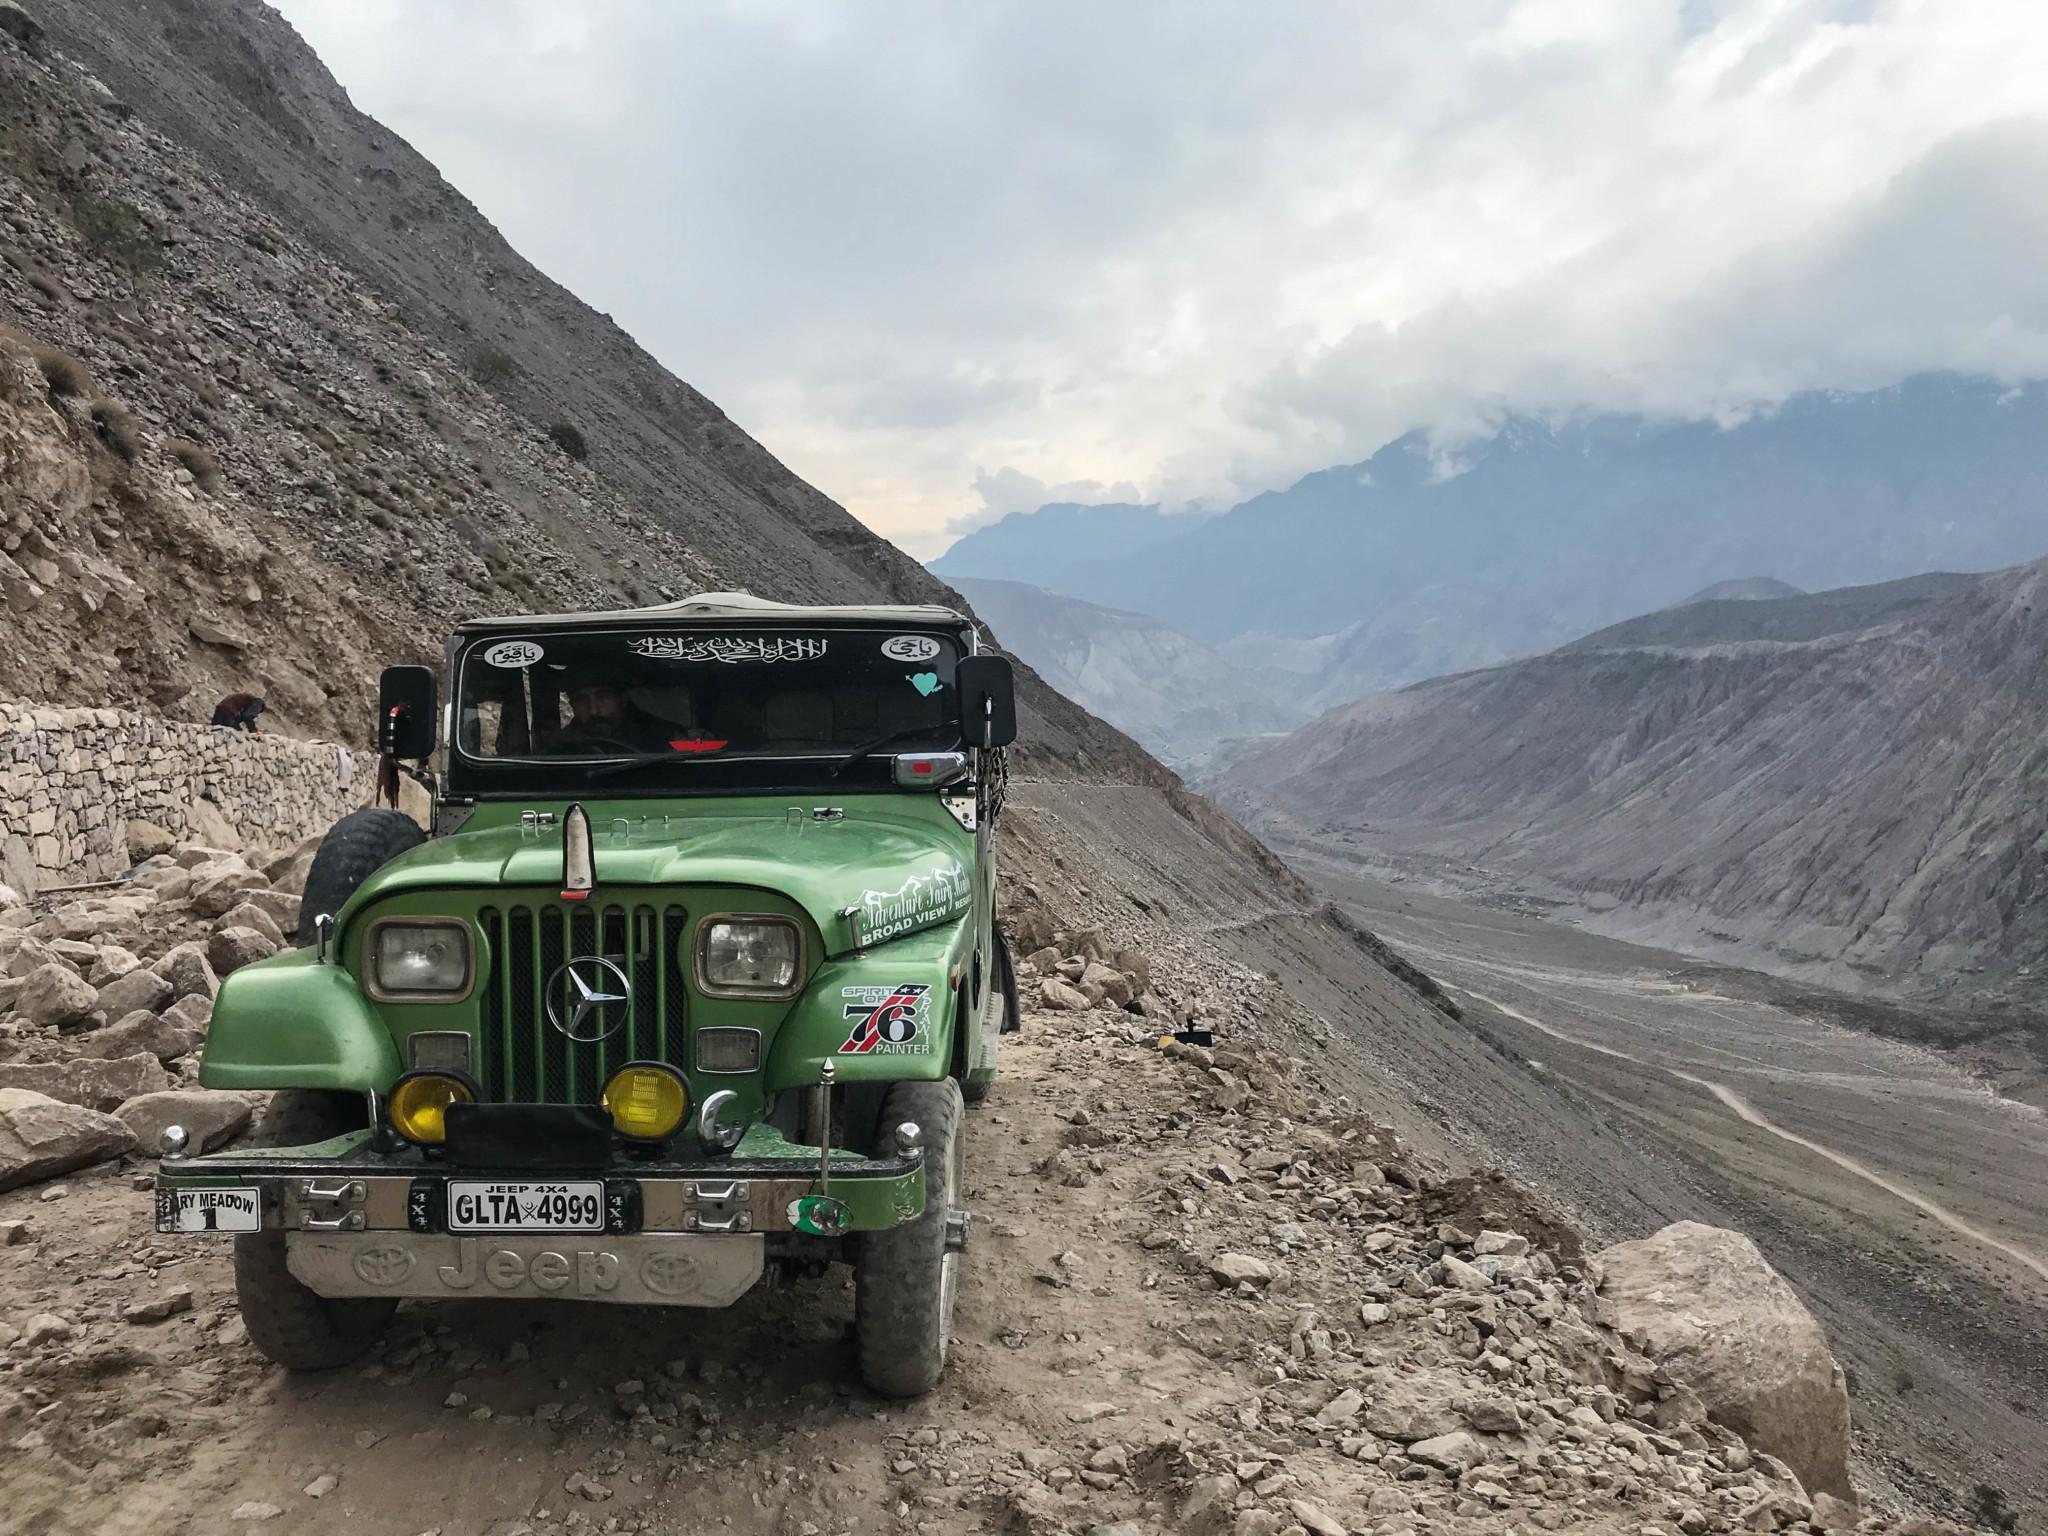 Die Jeeps bringen einen im Pakistan Urlaub nach Fairy Meadows.